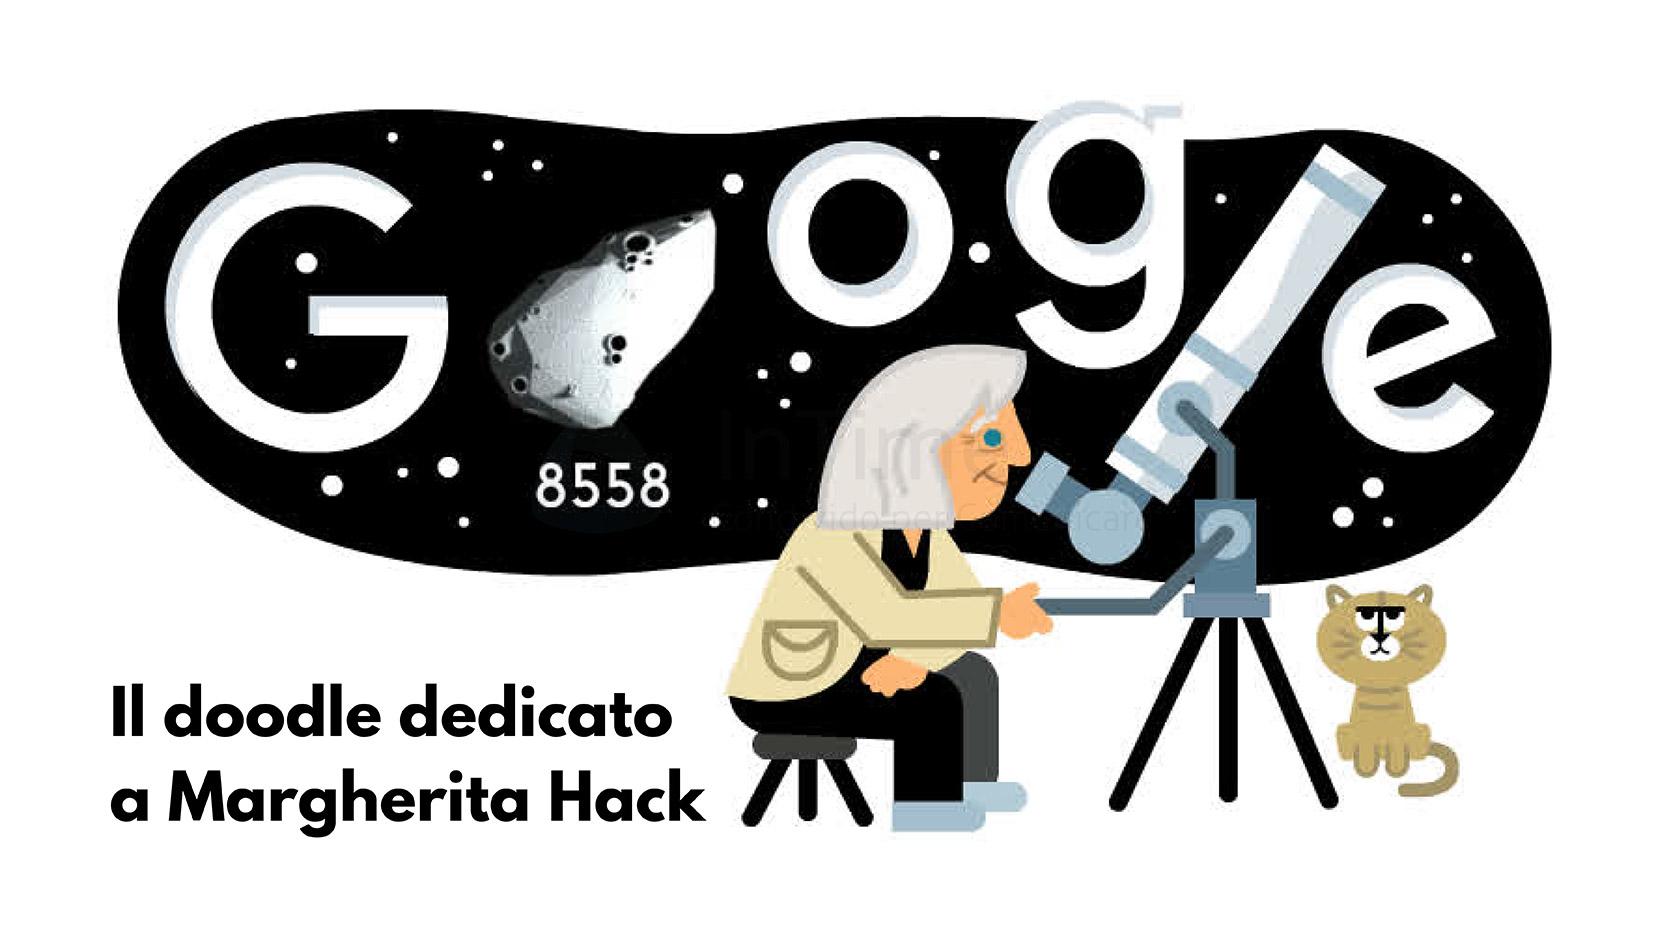 doodle Google margherita hack franzrusso.it